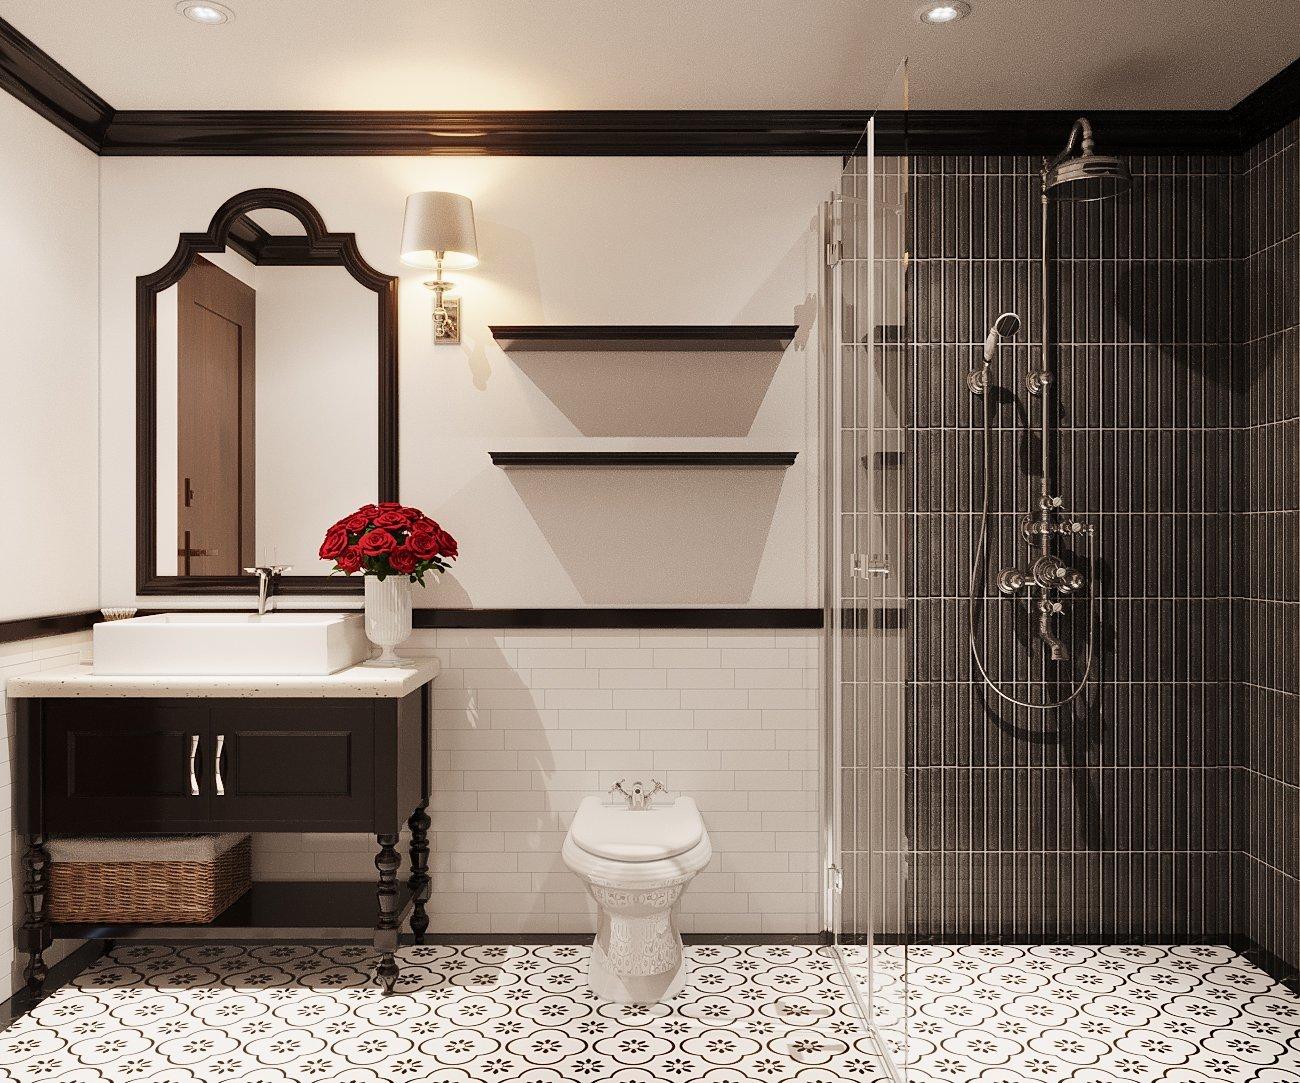 Phòng tắm - vệ sinh trong căn hộ 64m2 phong cách Indochine được thiết kế với hai tông màu trắng - đen chủ đạo sang trọng